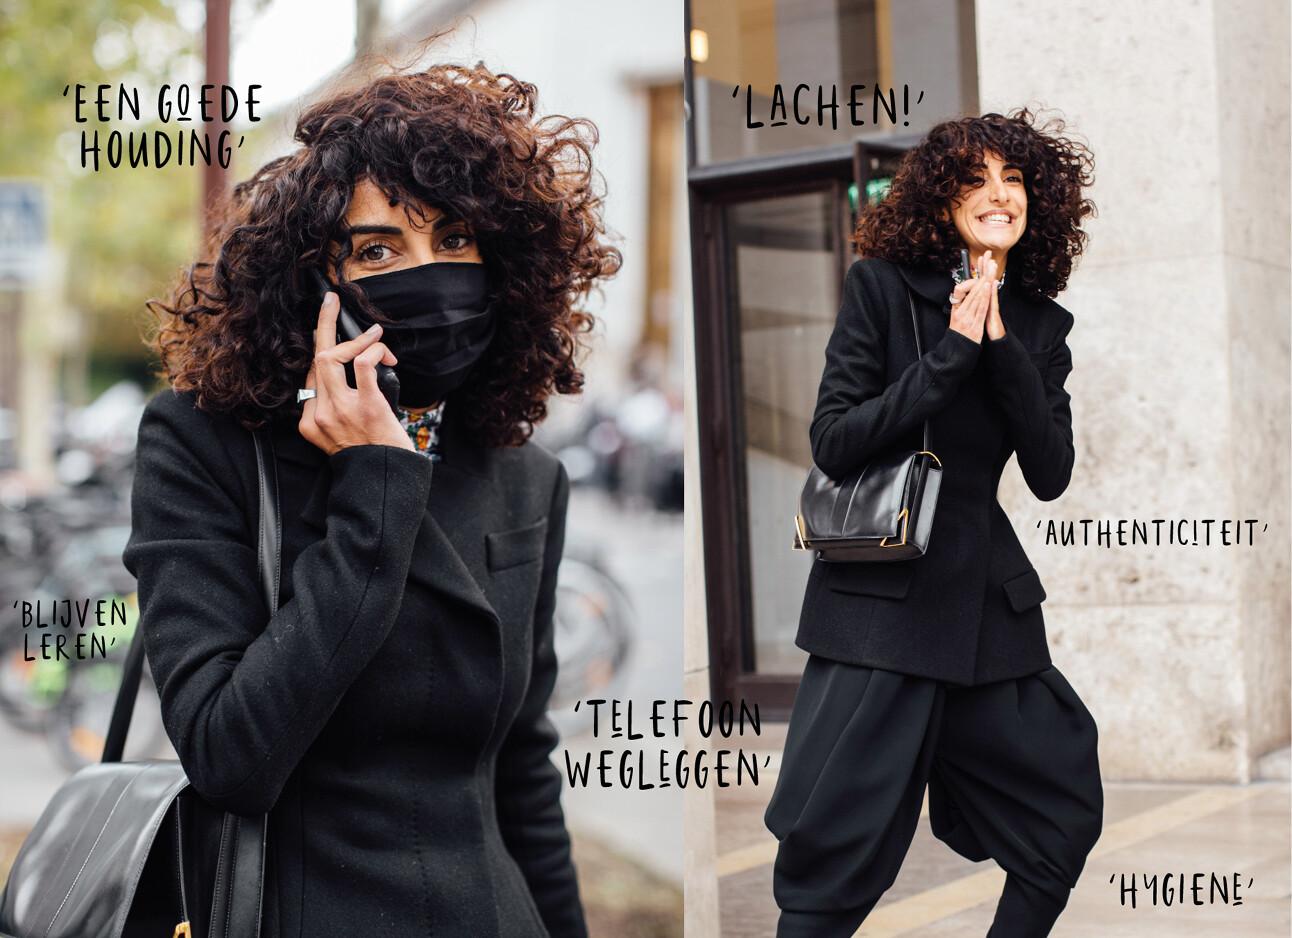 vrouw op straat lachend